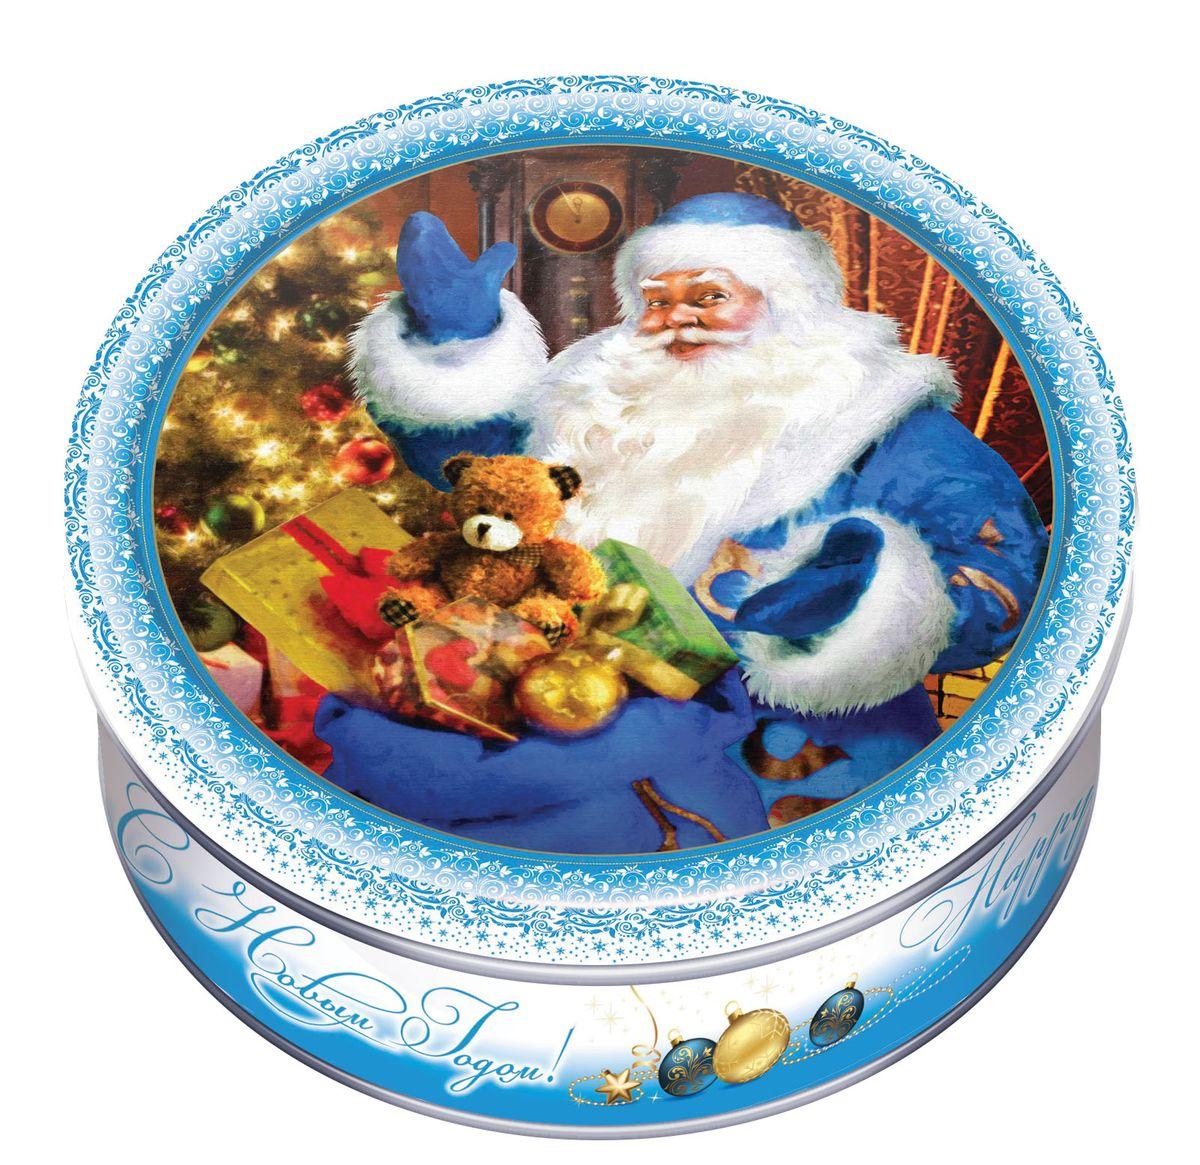 Сладкая Сказка Печенье в подарочной новогодней синей банке, 150 гMC-6-13Новогоднее печенье в синей банке — самое лучшее и готовое решение для вкусного подарка друзьям, близким и коллегам на рождественские праздники.Изображенный на крышке Дед Мороз создаст праздничное настроение, а сдобное печенье станет отличным угощением к чаю.Продукт производится на российской фабрике МАК-Иваново и в его рецептуре используются только натуральные ингредиенты, что делает его не только вкусным, но и полезным.Жестяную банку, после того, как лакомство закончилось, можно использовать в качестве украшения интерьера или для хранения мелочей и сыпучих продуктов.